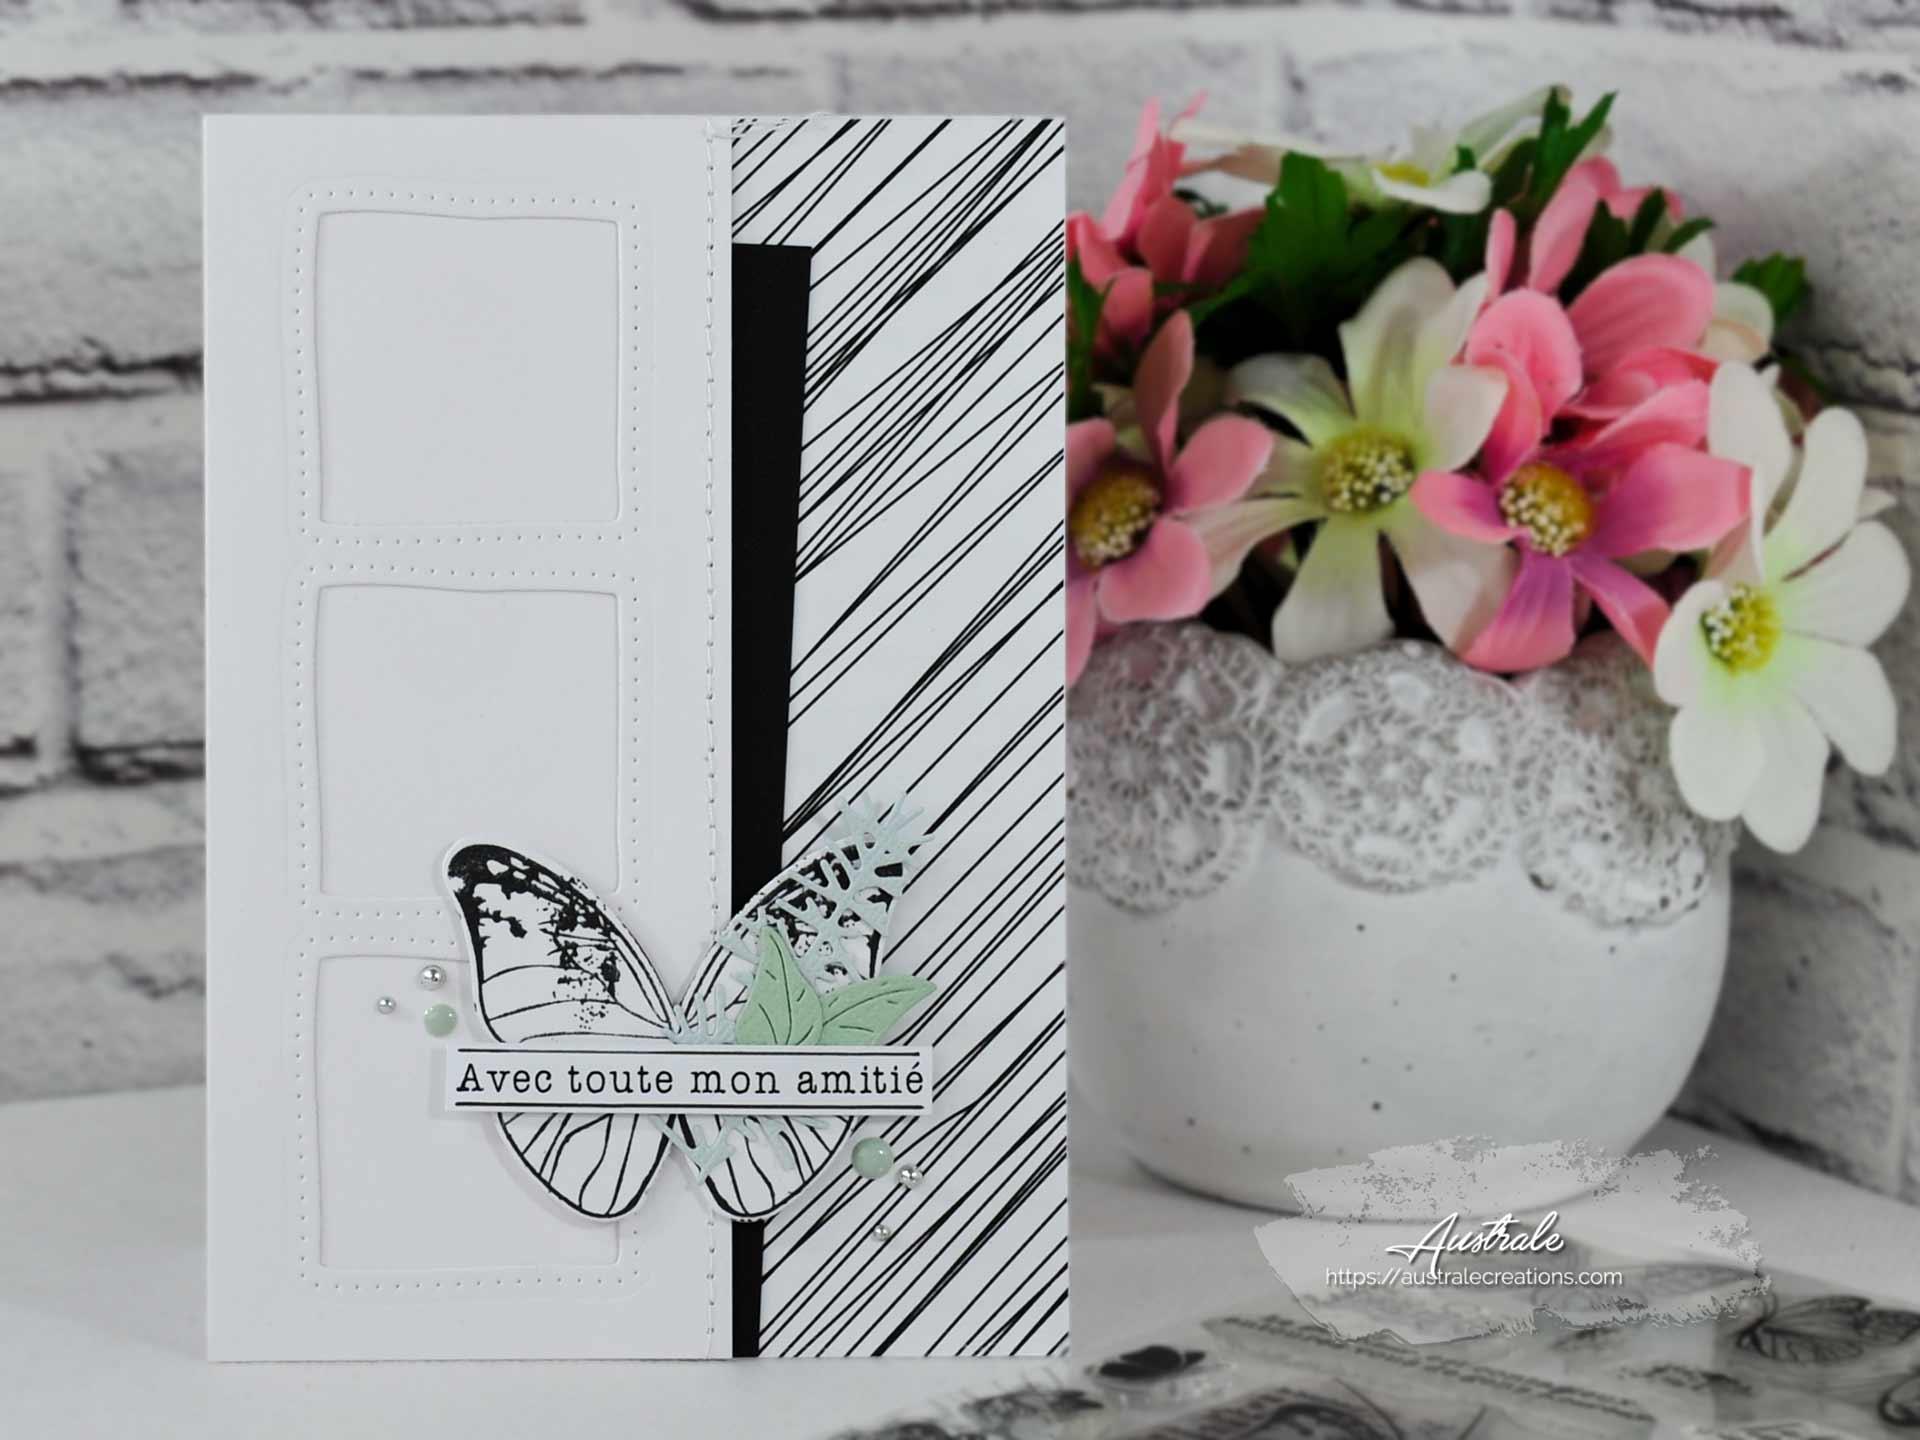 Création d'une carte d'amitié en noir et tons pastels avec feuillages et papillon.